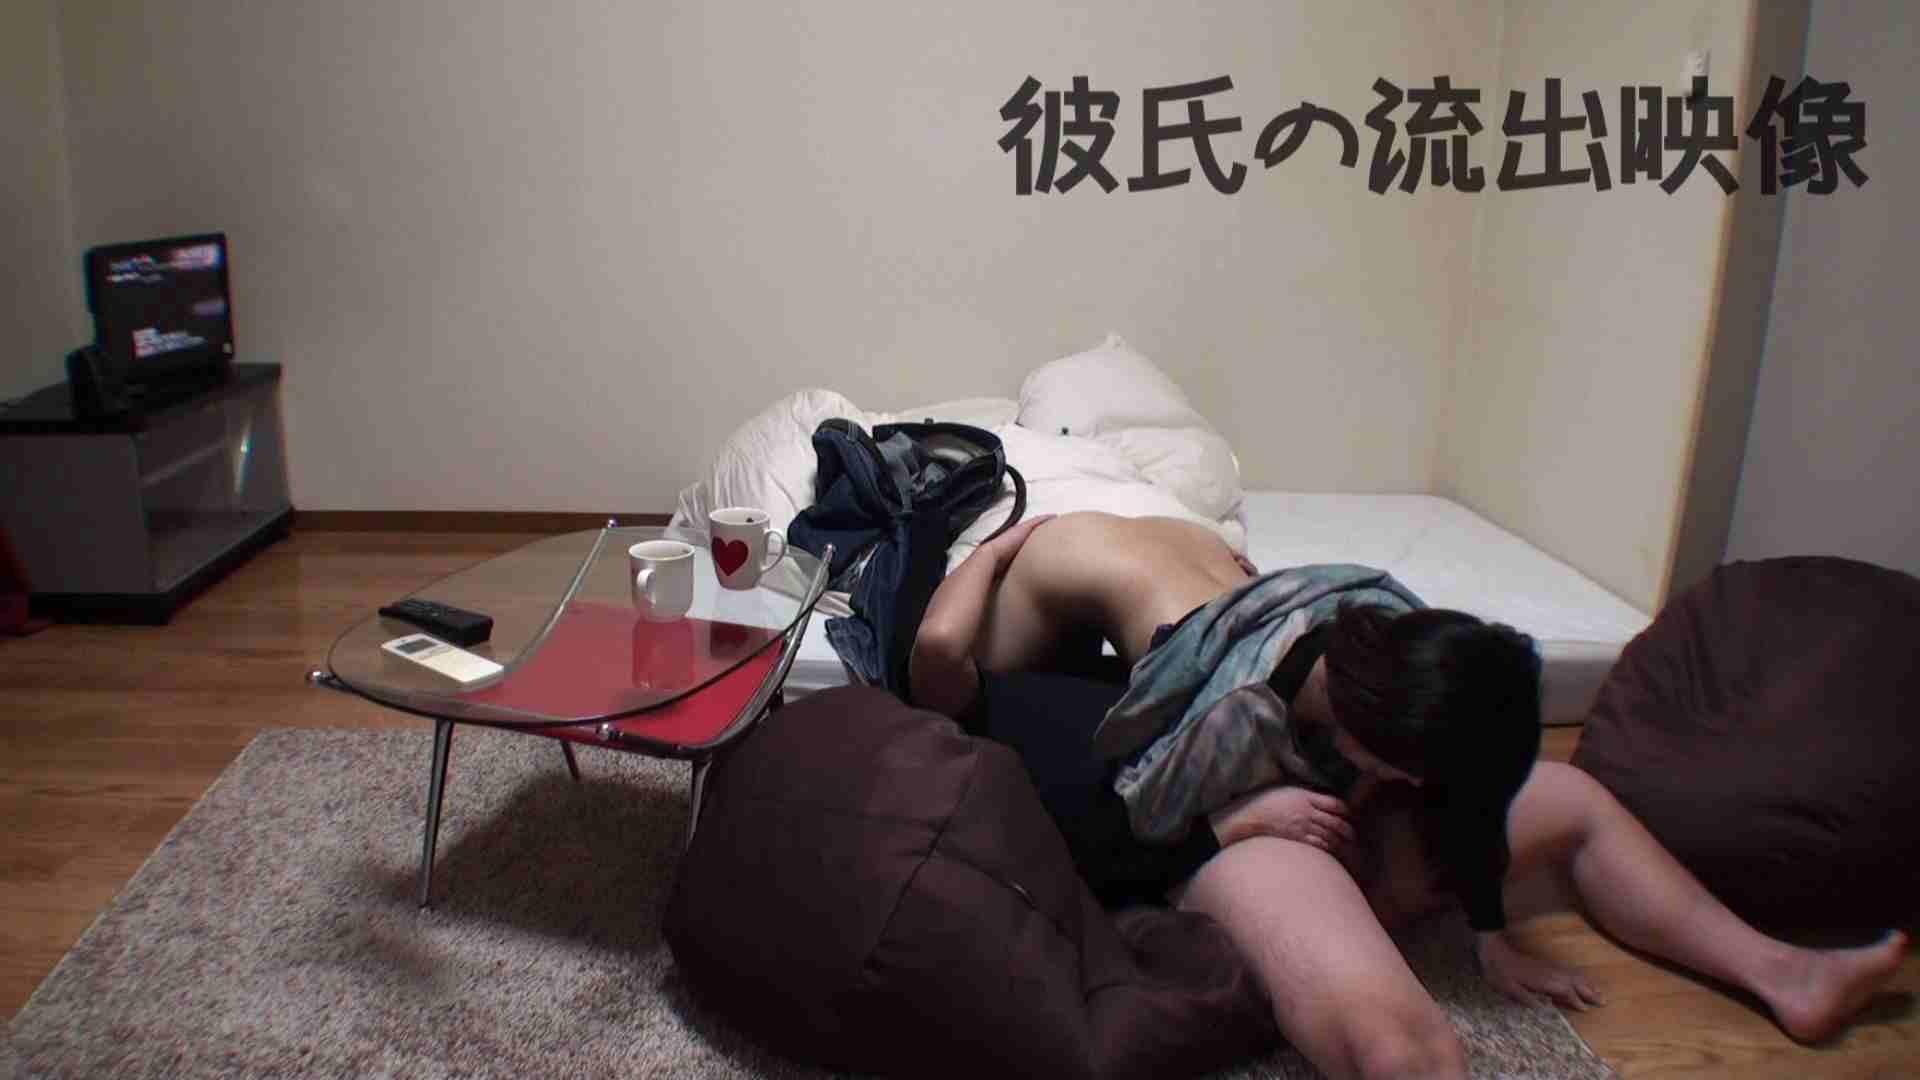 彼氏が流出 パイパン素人嬢のハメ撮り映像02 カップルのセックス   SEX  73PIX 49